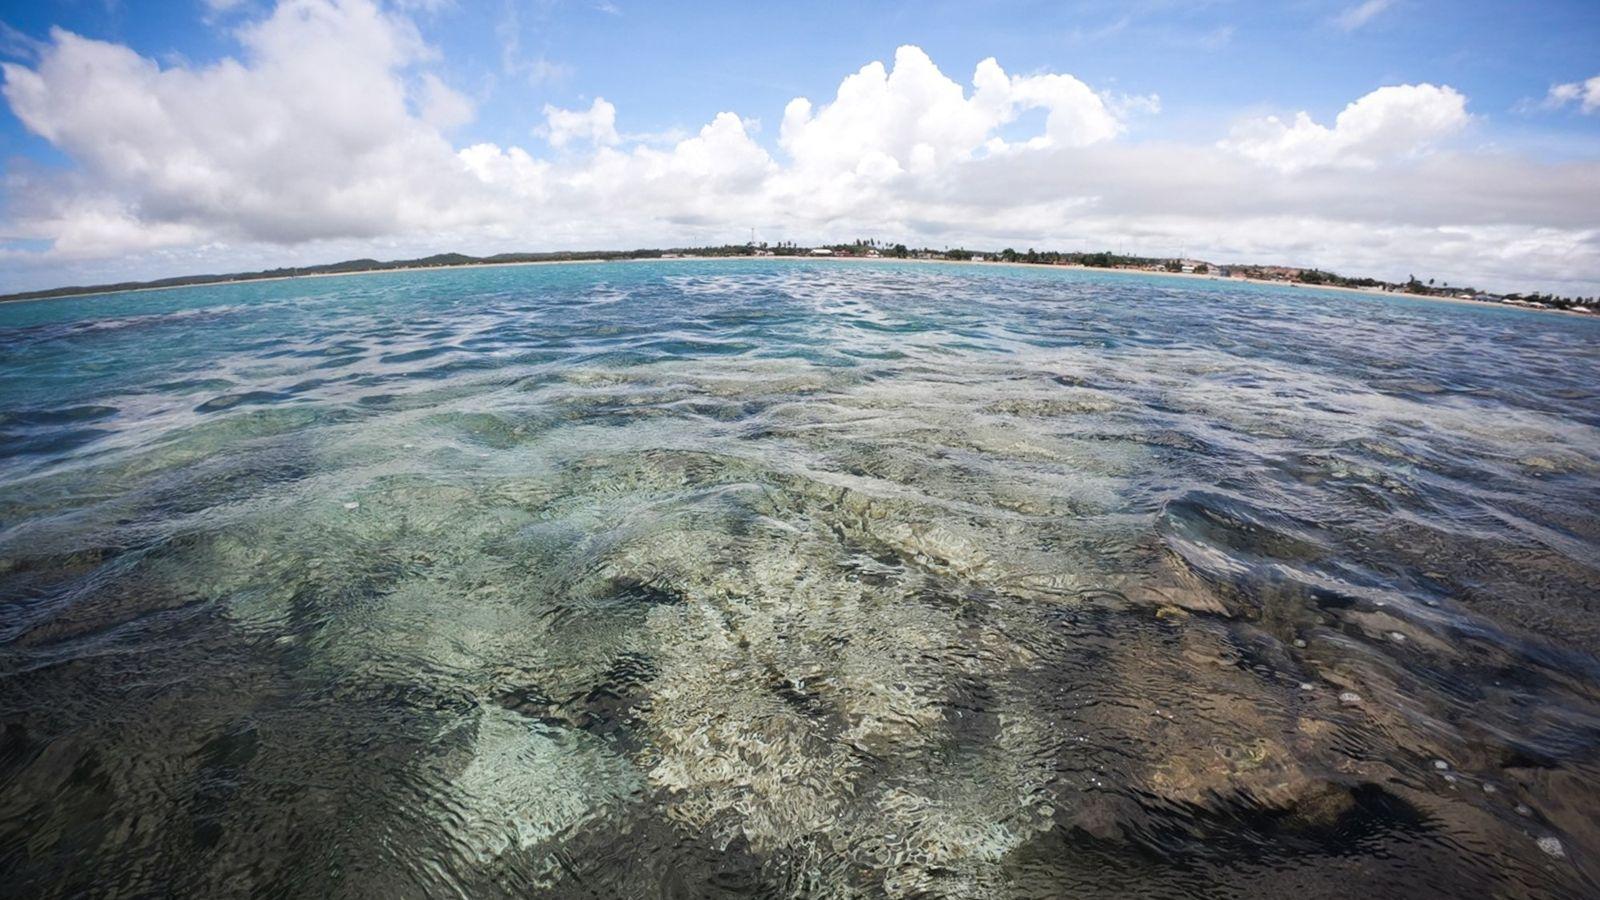 Corais branqueados próximos a cidade de Tamandaré, litoral de Pernambuco. Devido às restrições de mobilidade impostas pela ...